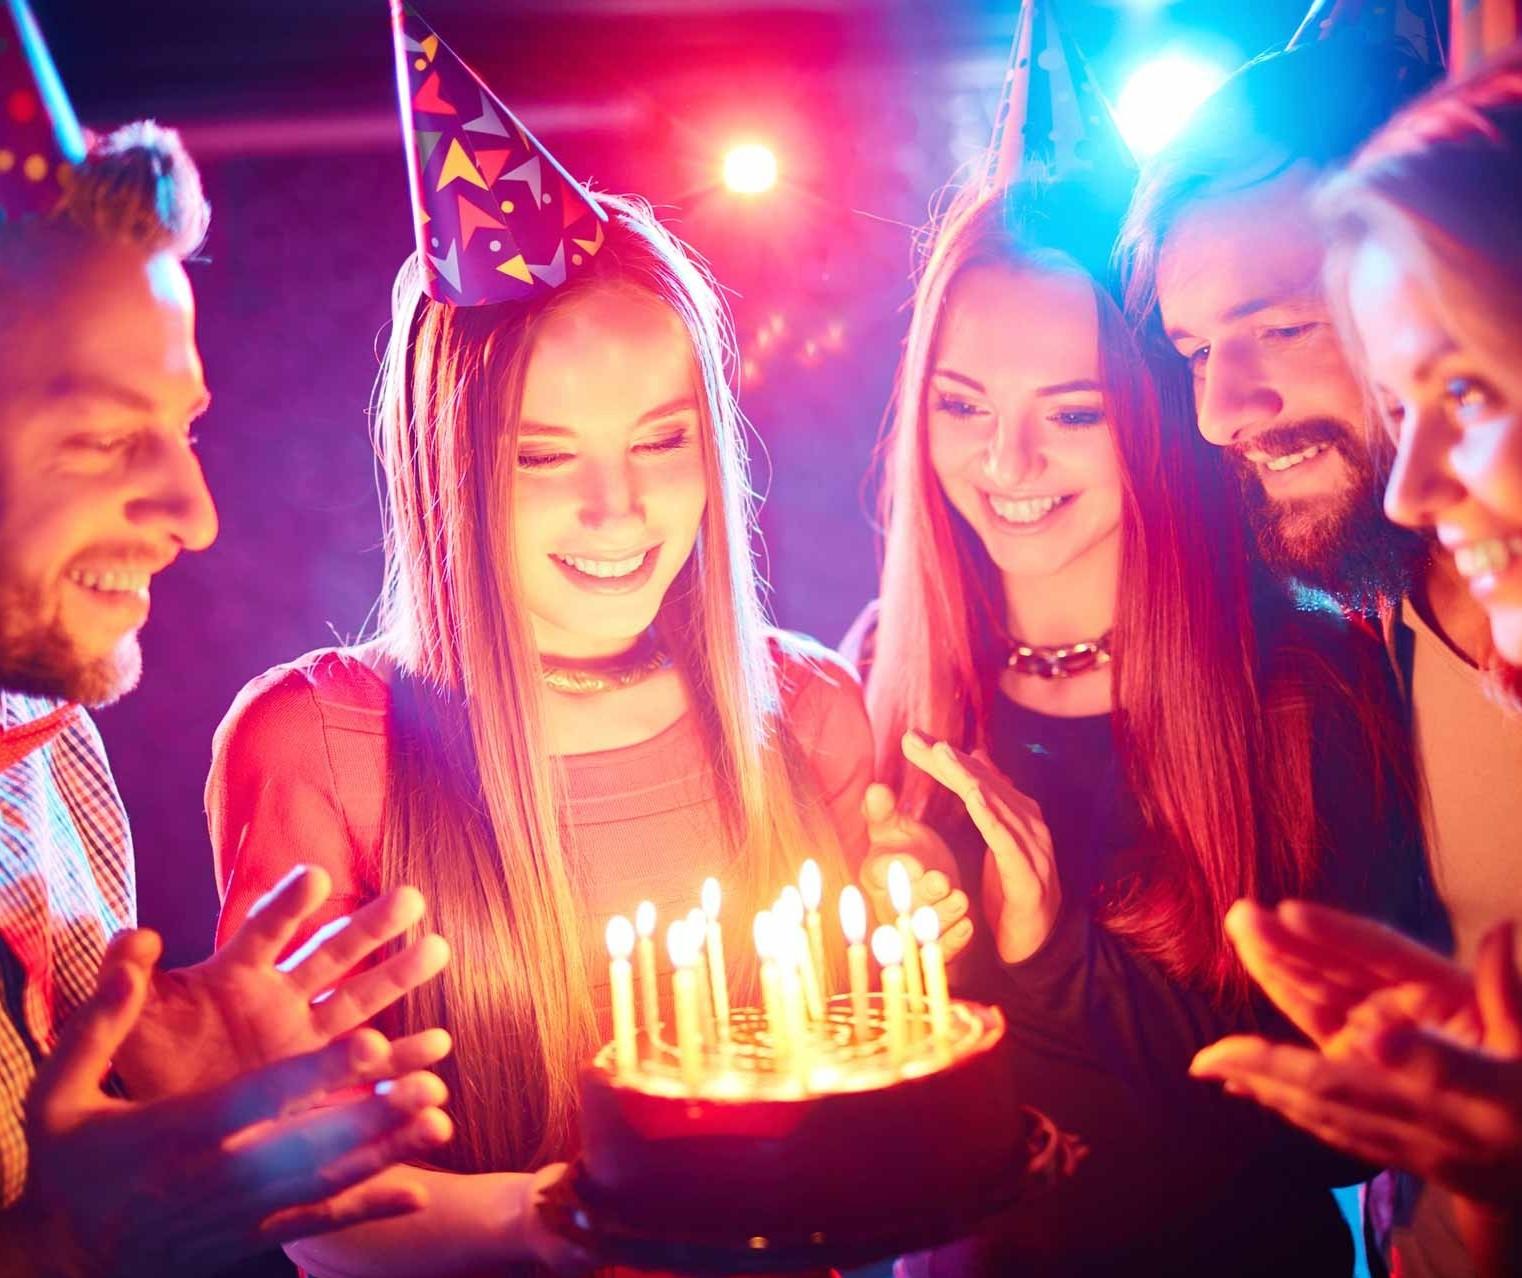 Por que uns comemoram o aniversário e outros não?